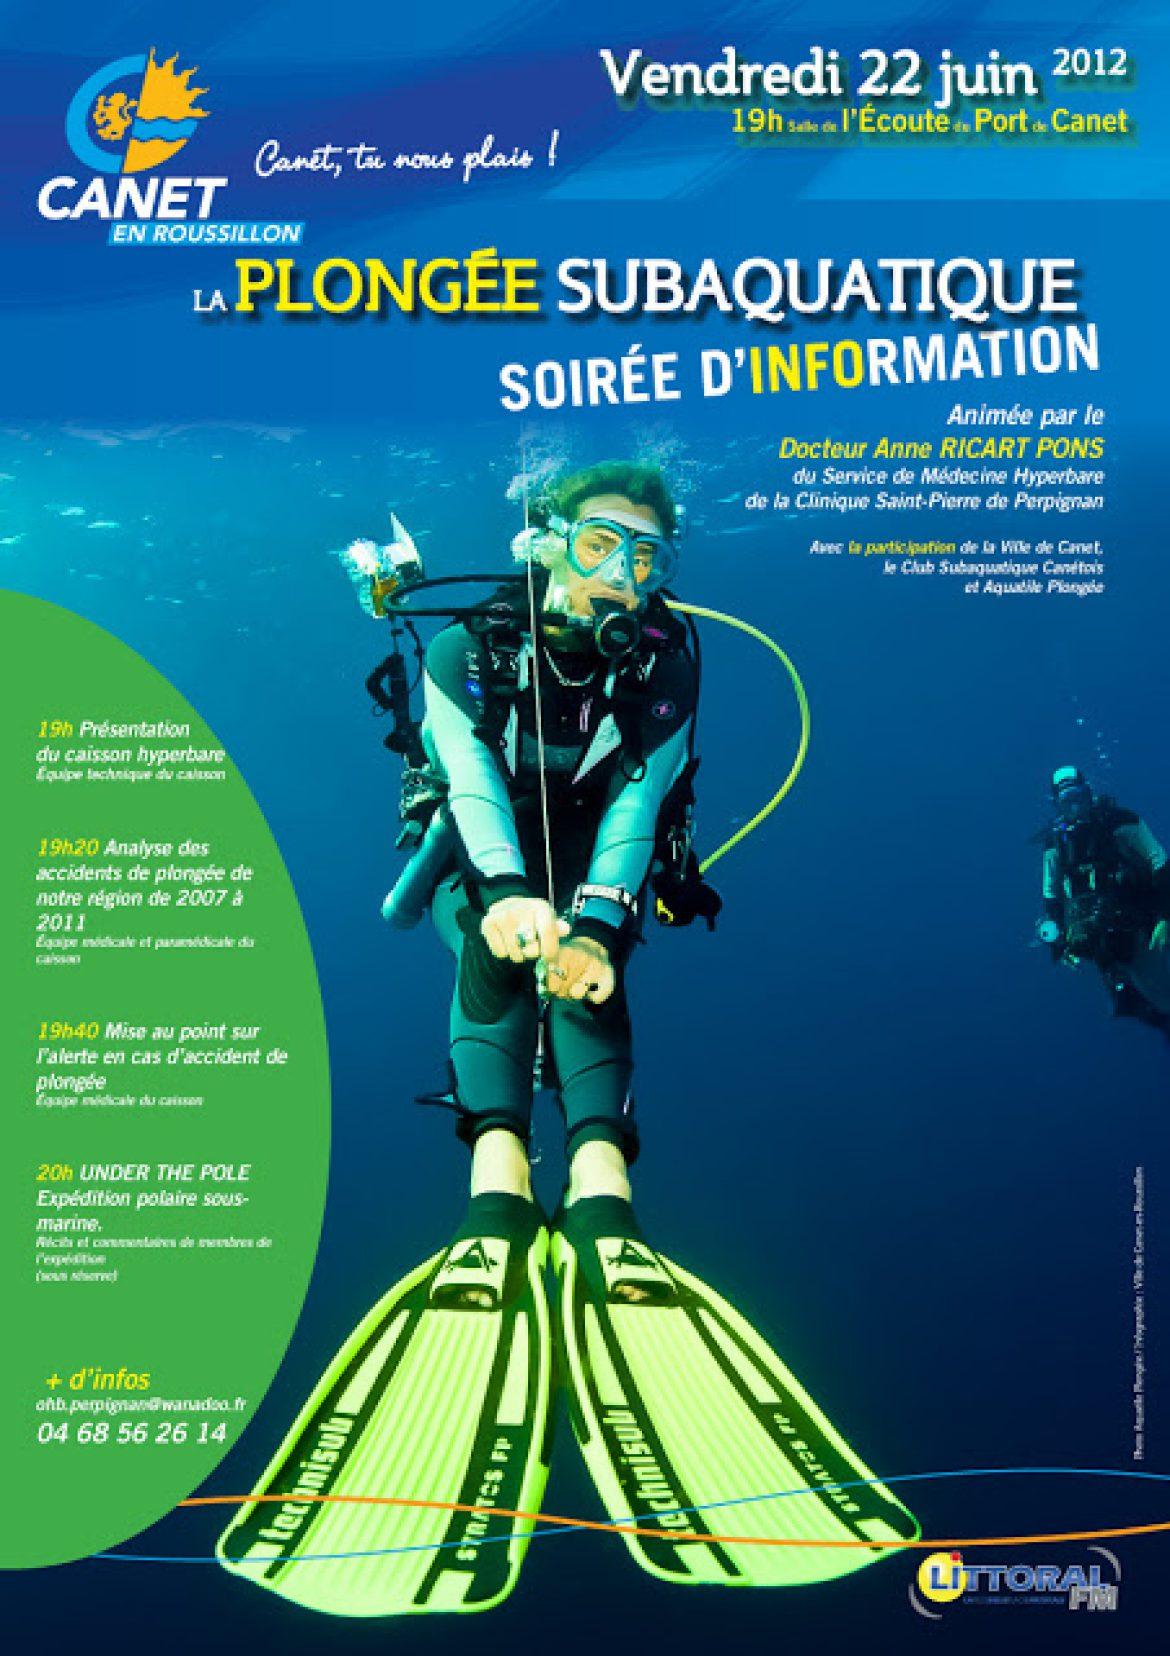 La Plongée Subaquatique